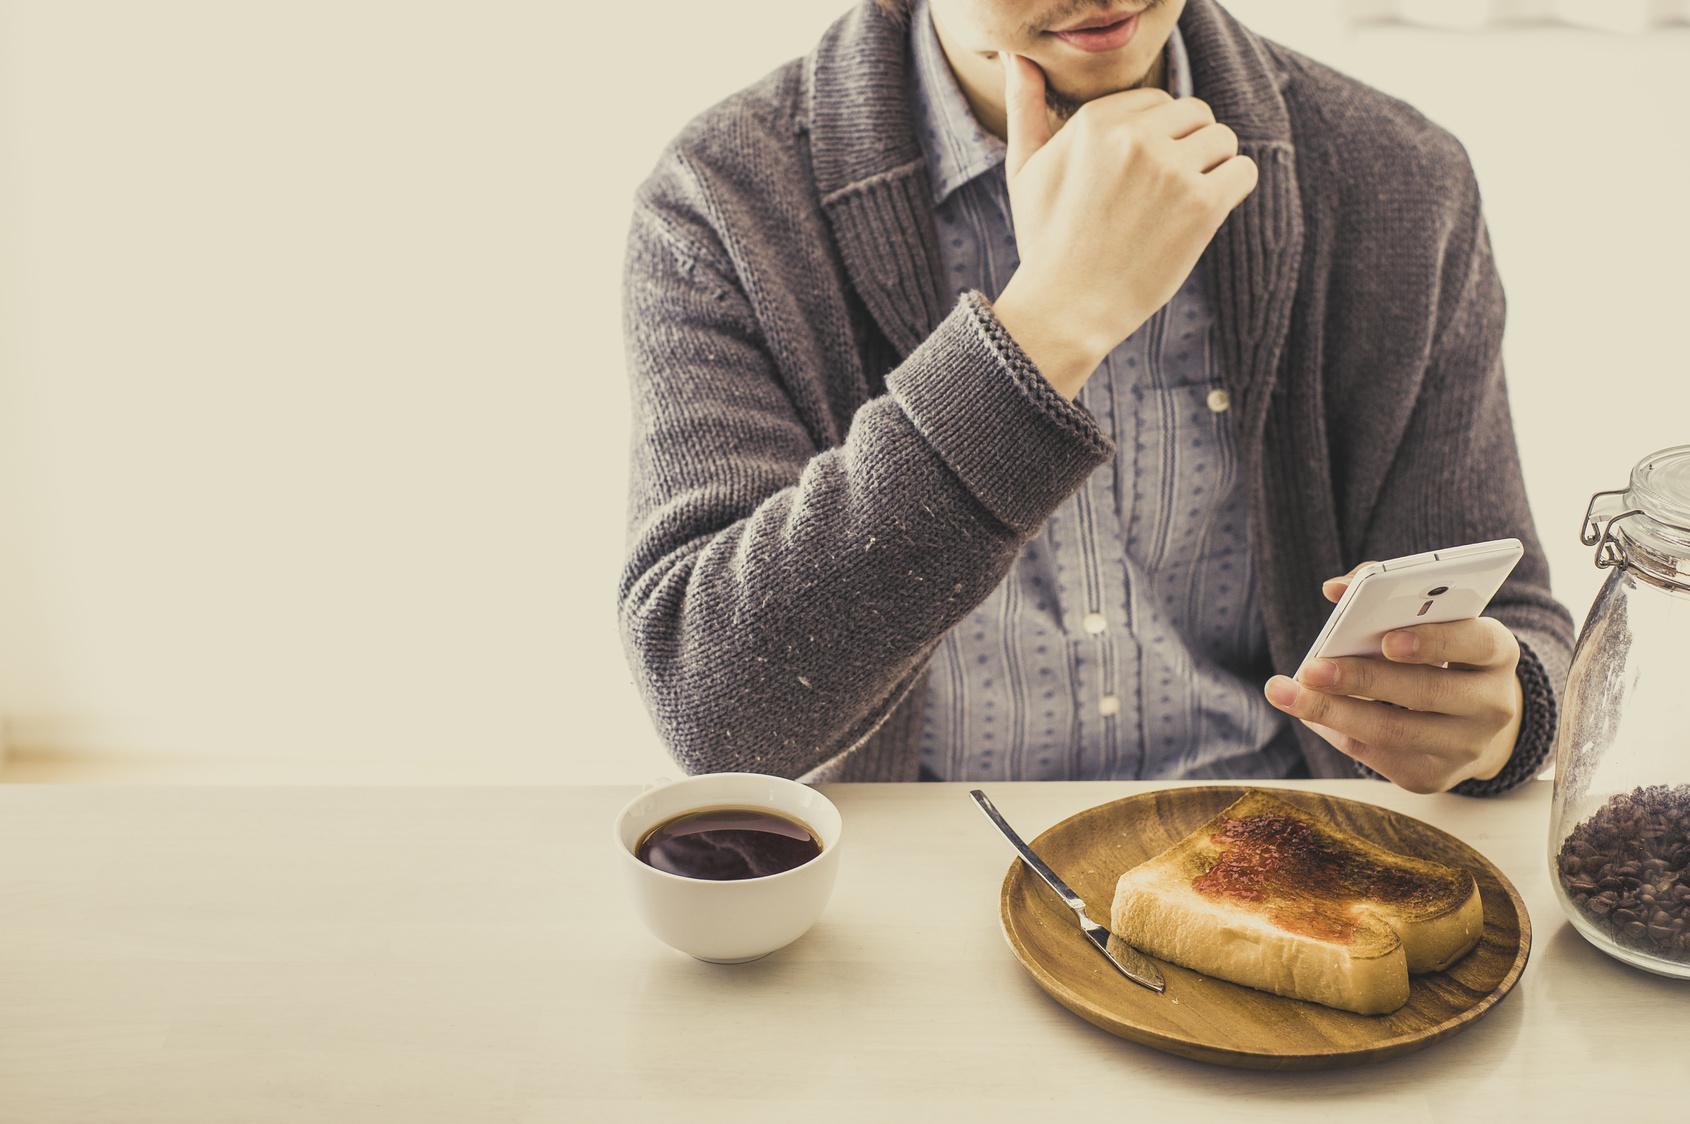 朝食を食べながらスマートフォンを操作している日本人男性